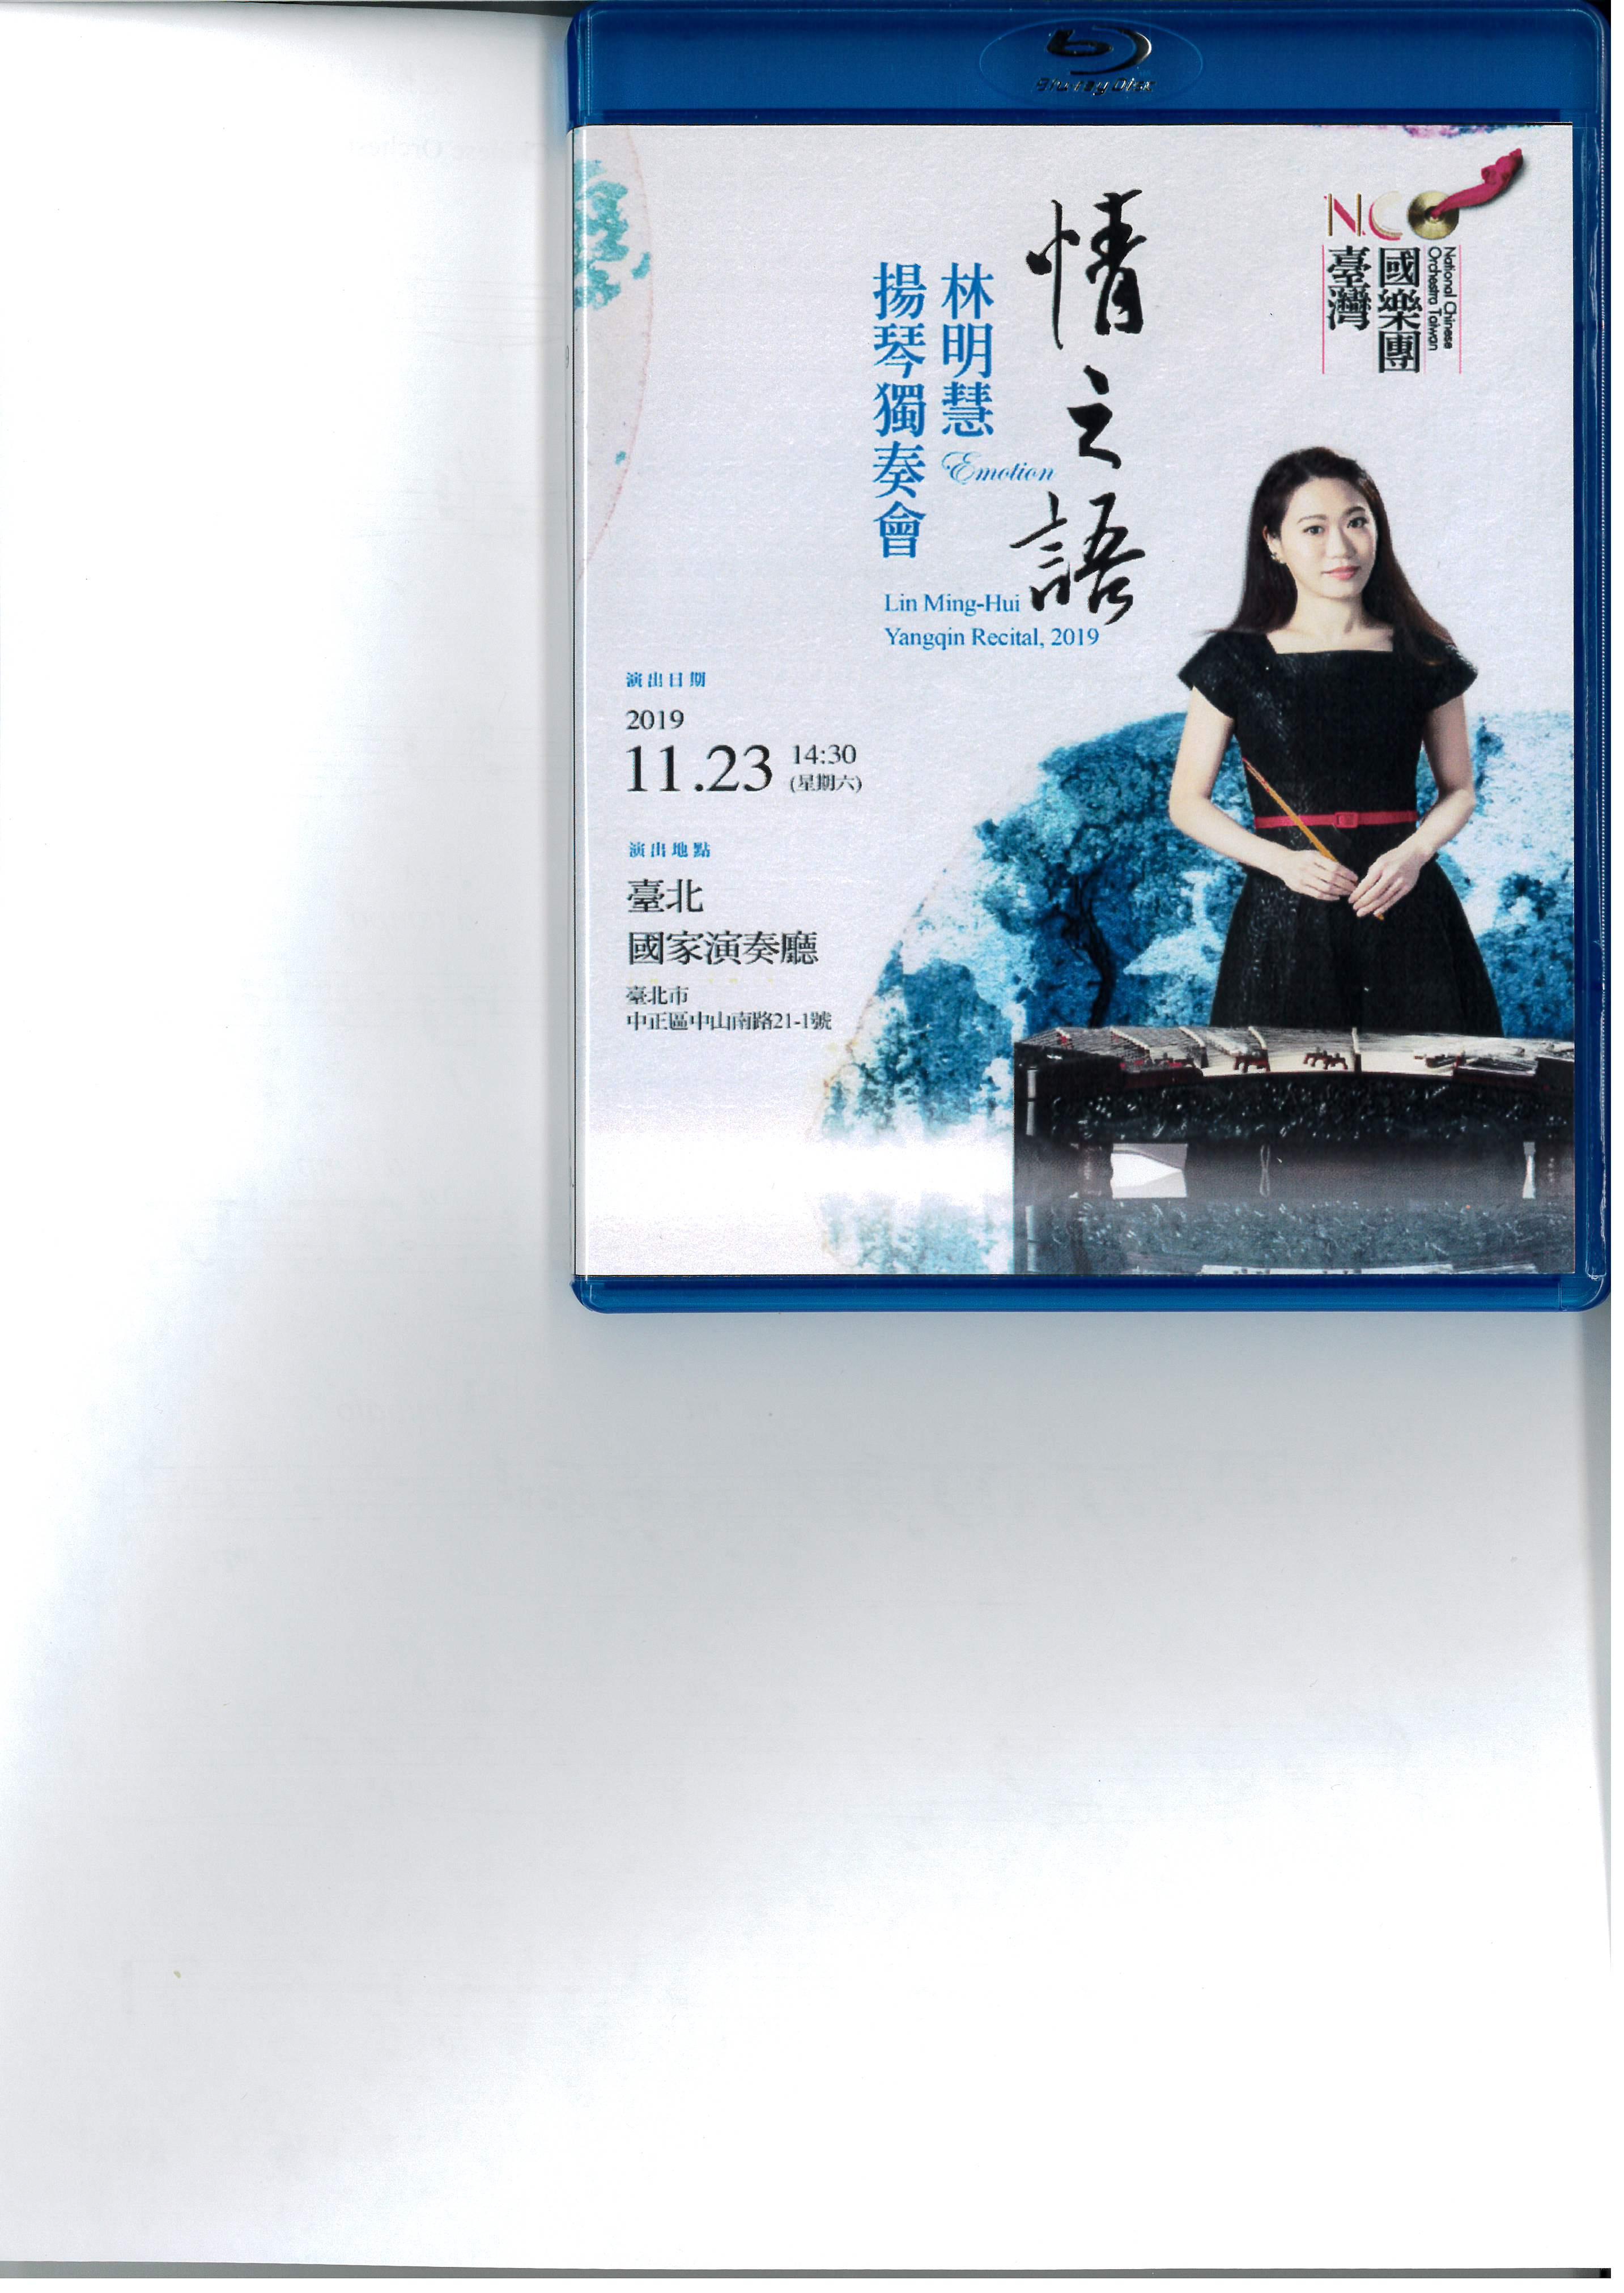 2019 臺灣國樂團 【情之語】 林明慧揚琴獨奏會 《林沖夜奔》